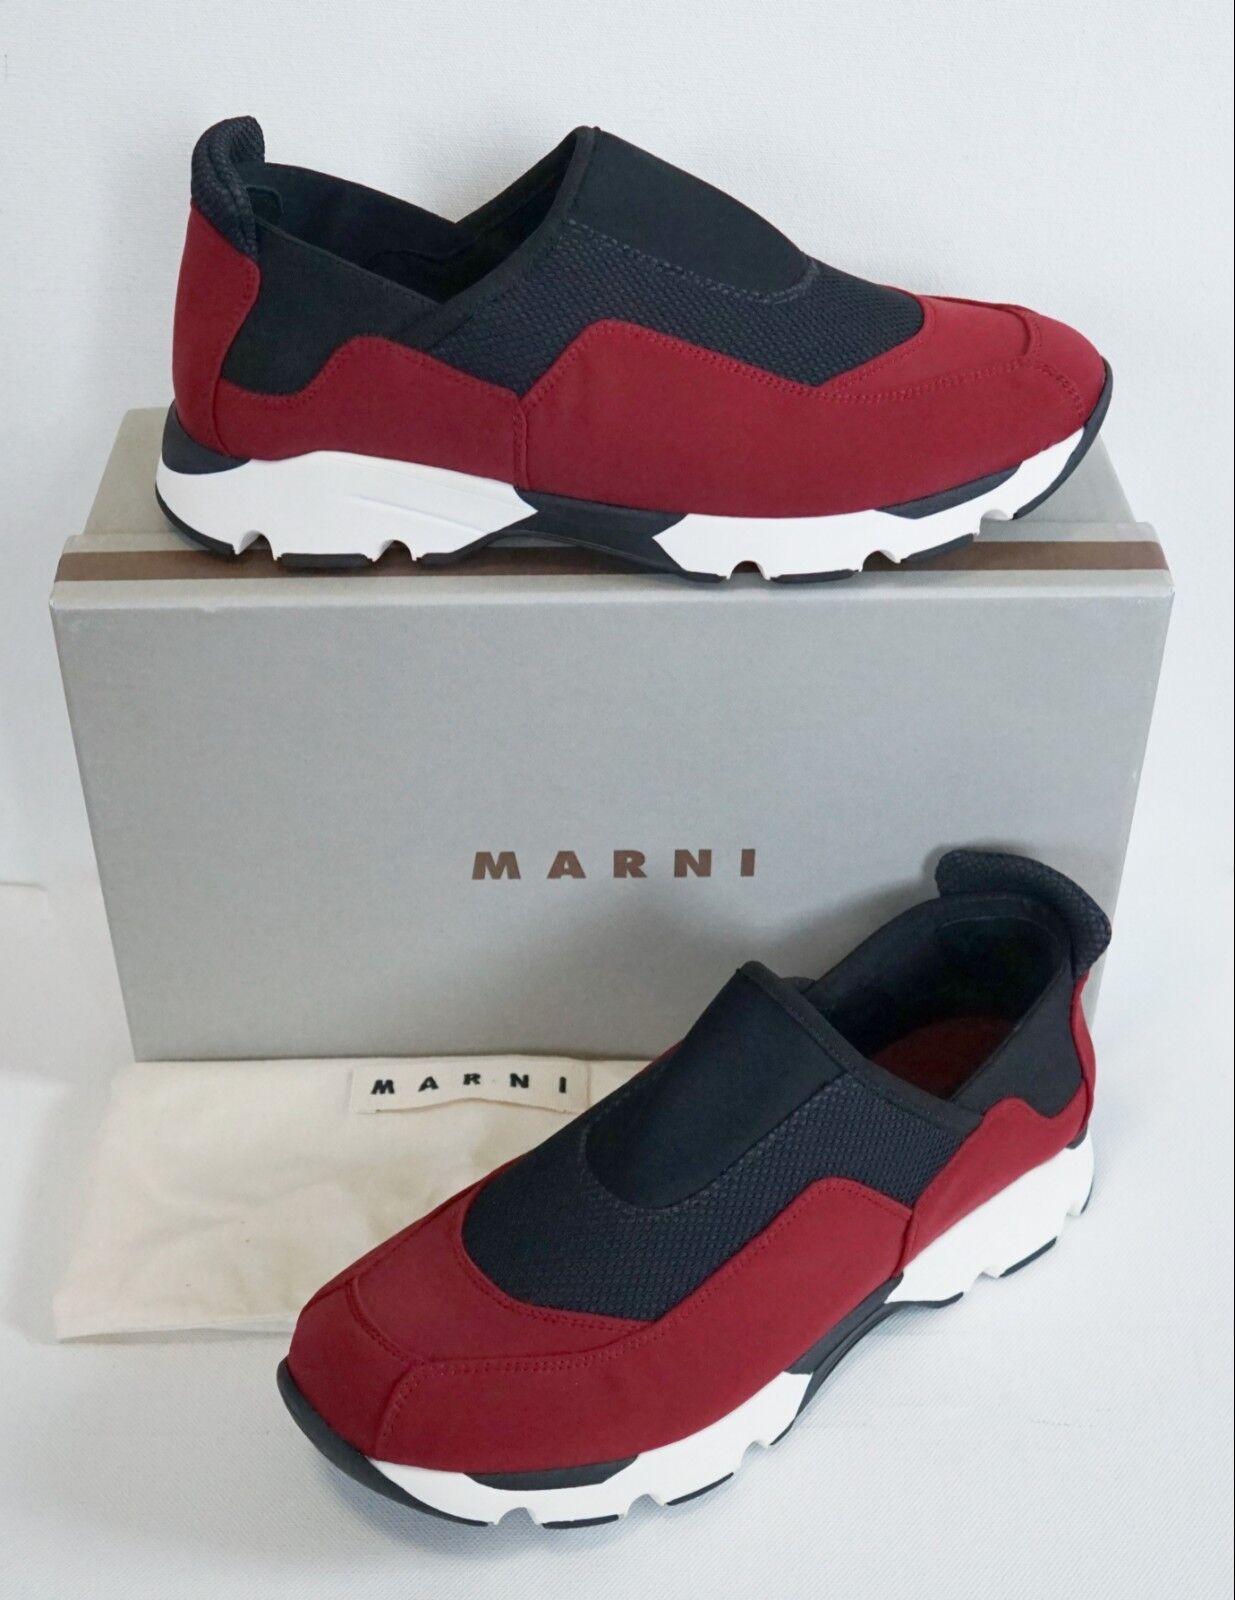 nouveau in Box MARNI Italie Bordeaux Marine Néoprène paniers Chaussures Sport EUR-41 US-8